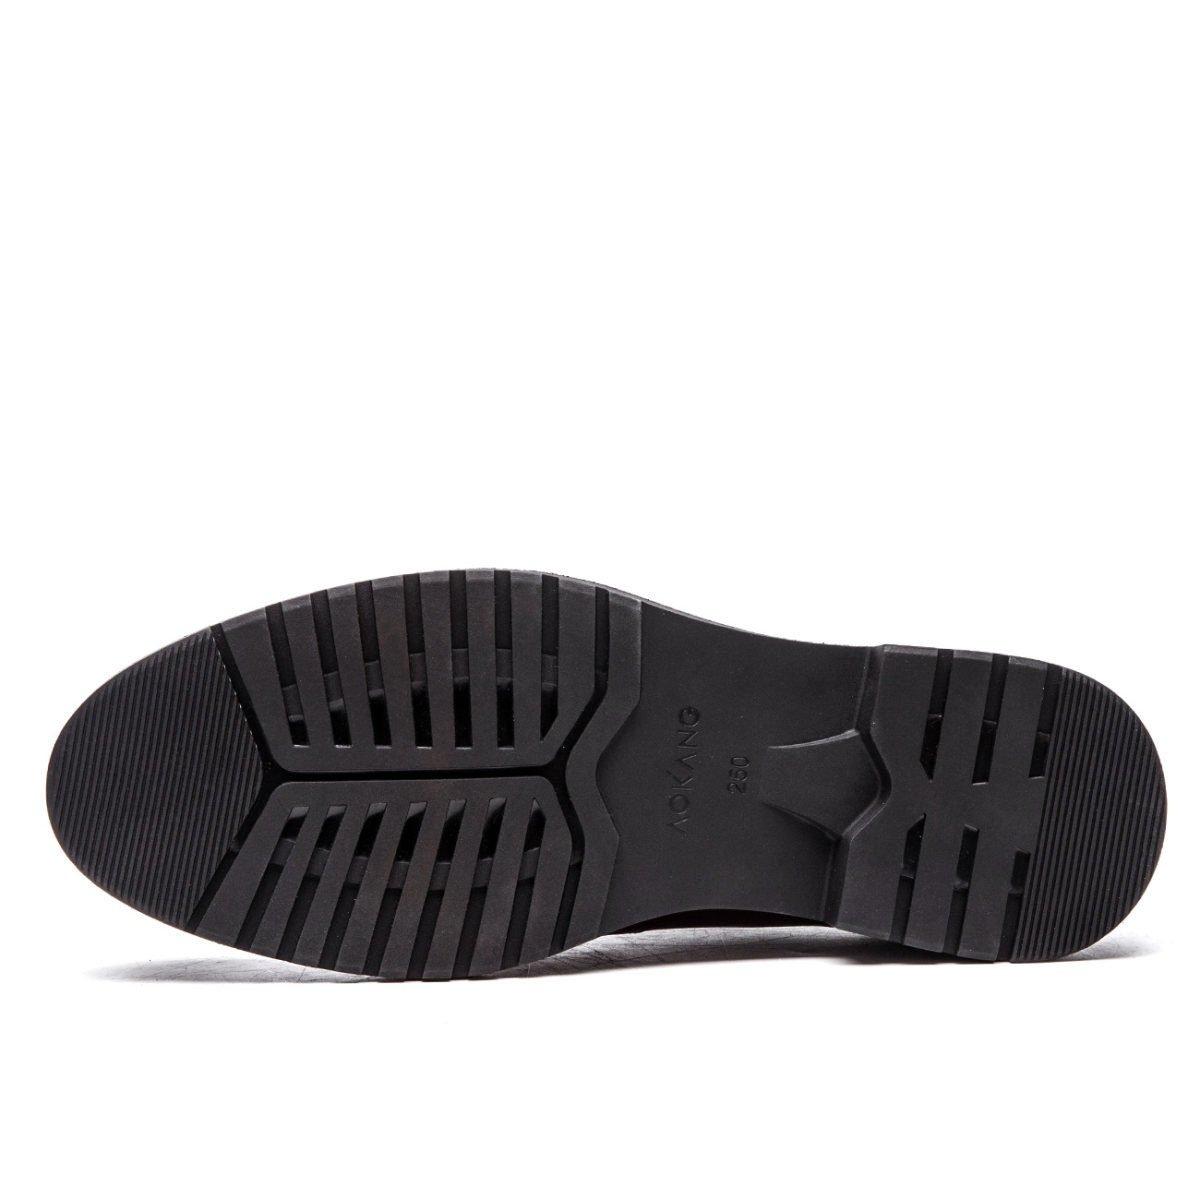 Casual Business Schuhe Joker Ledlfie Herrenschuhe Office LqzGSUMVp